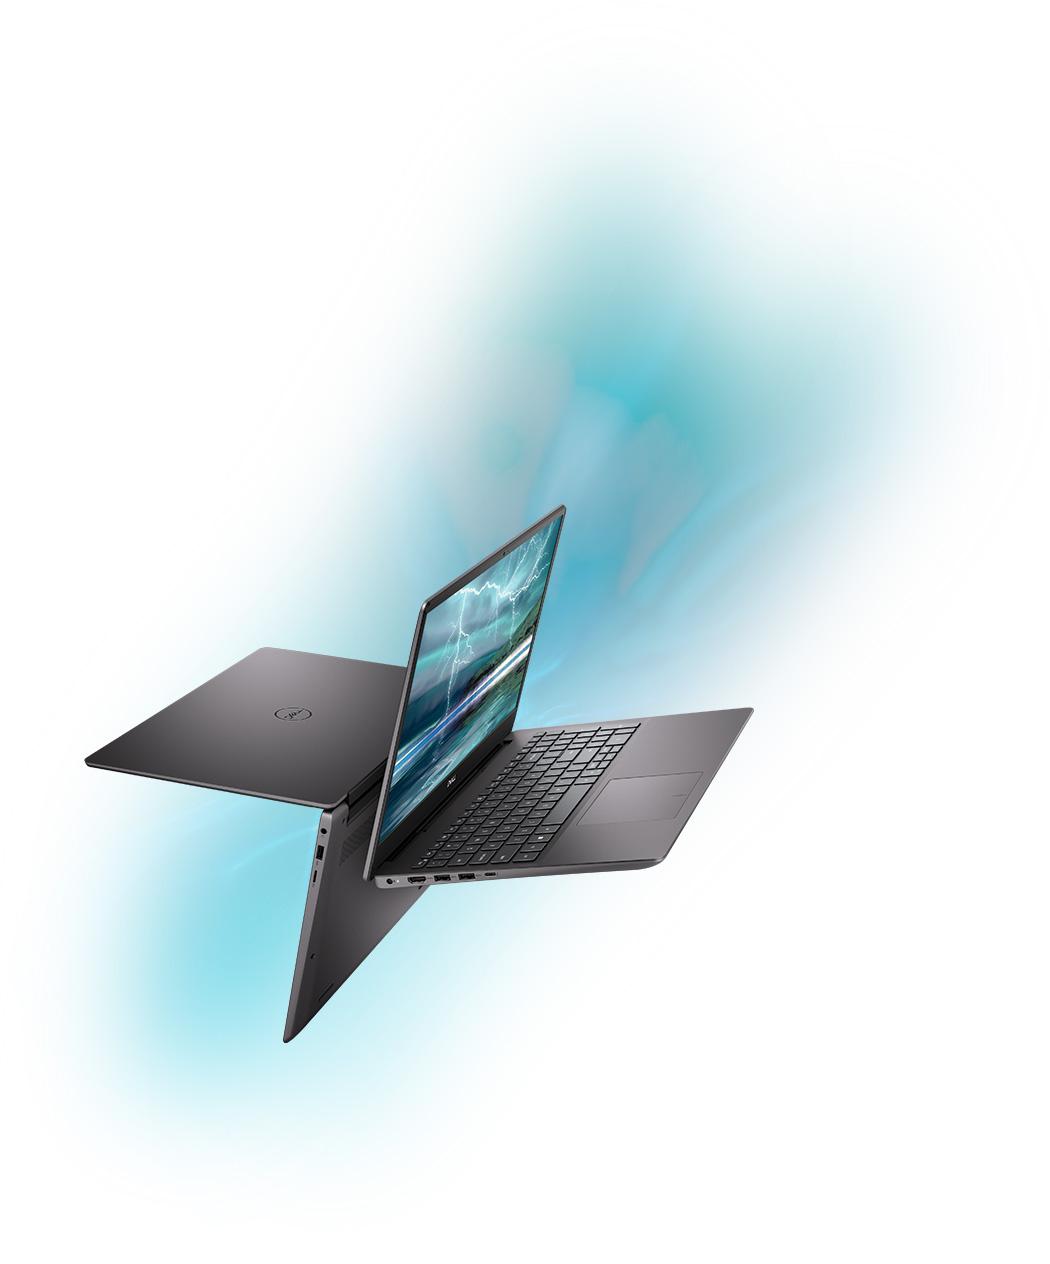 03 Dell Inspiron 7590